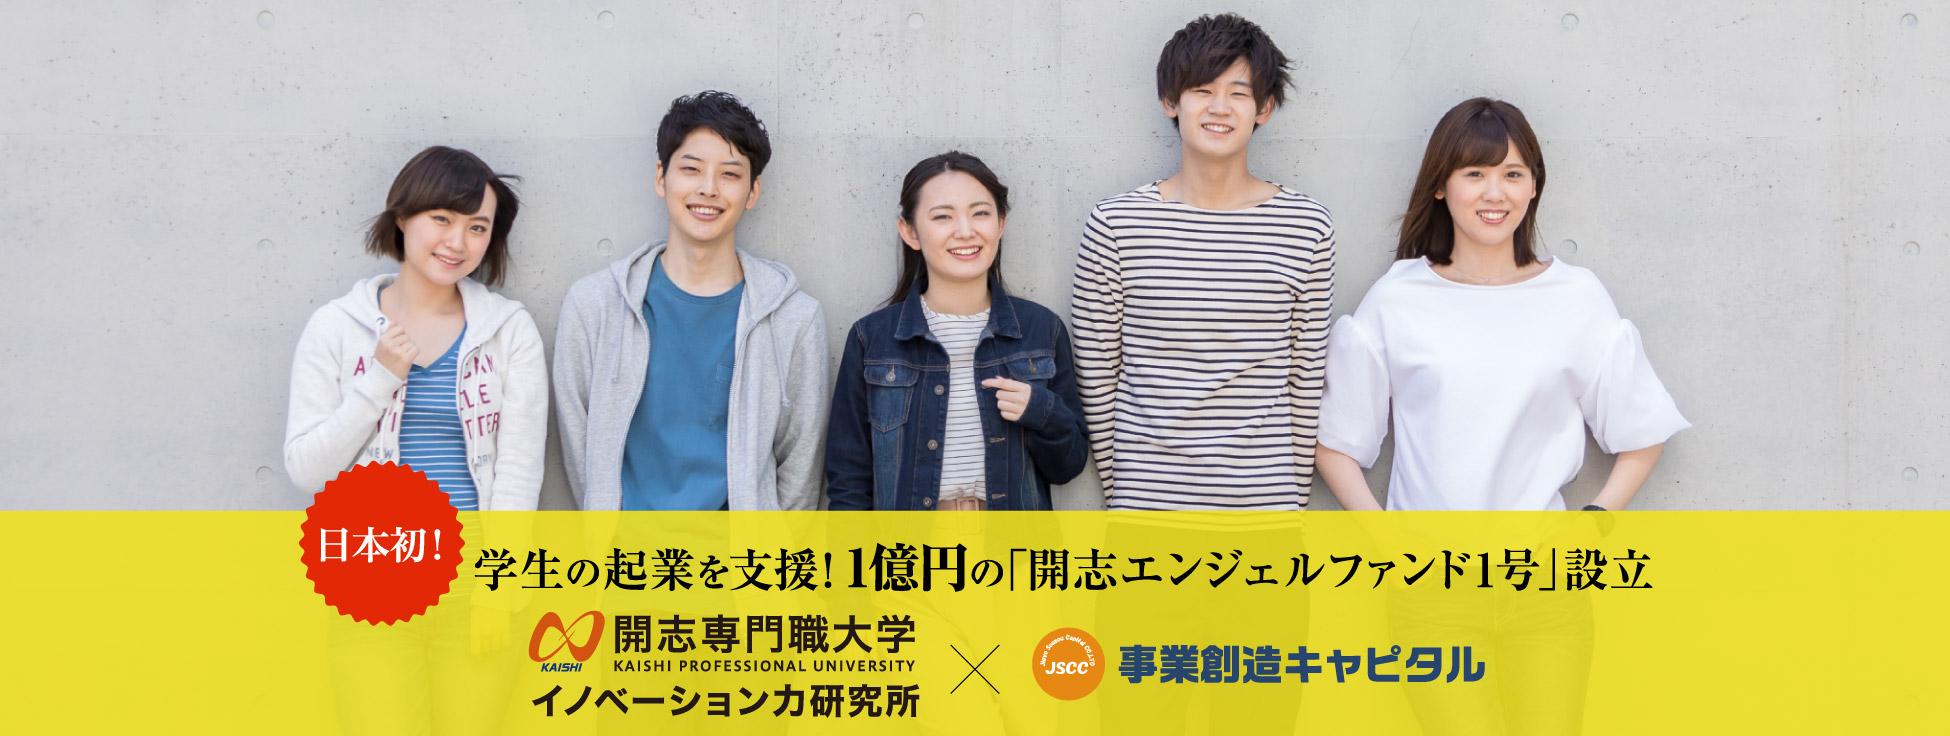 日本初!学生の起業を支援! 「開志エンジェルファンド1号」設立